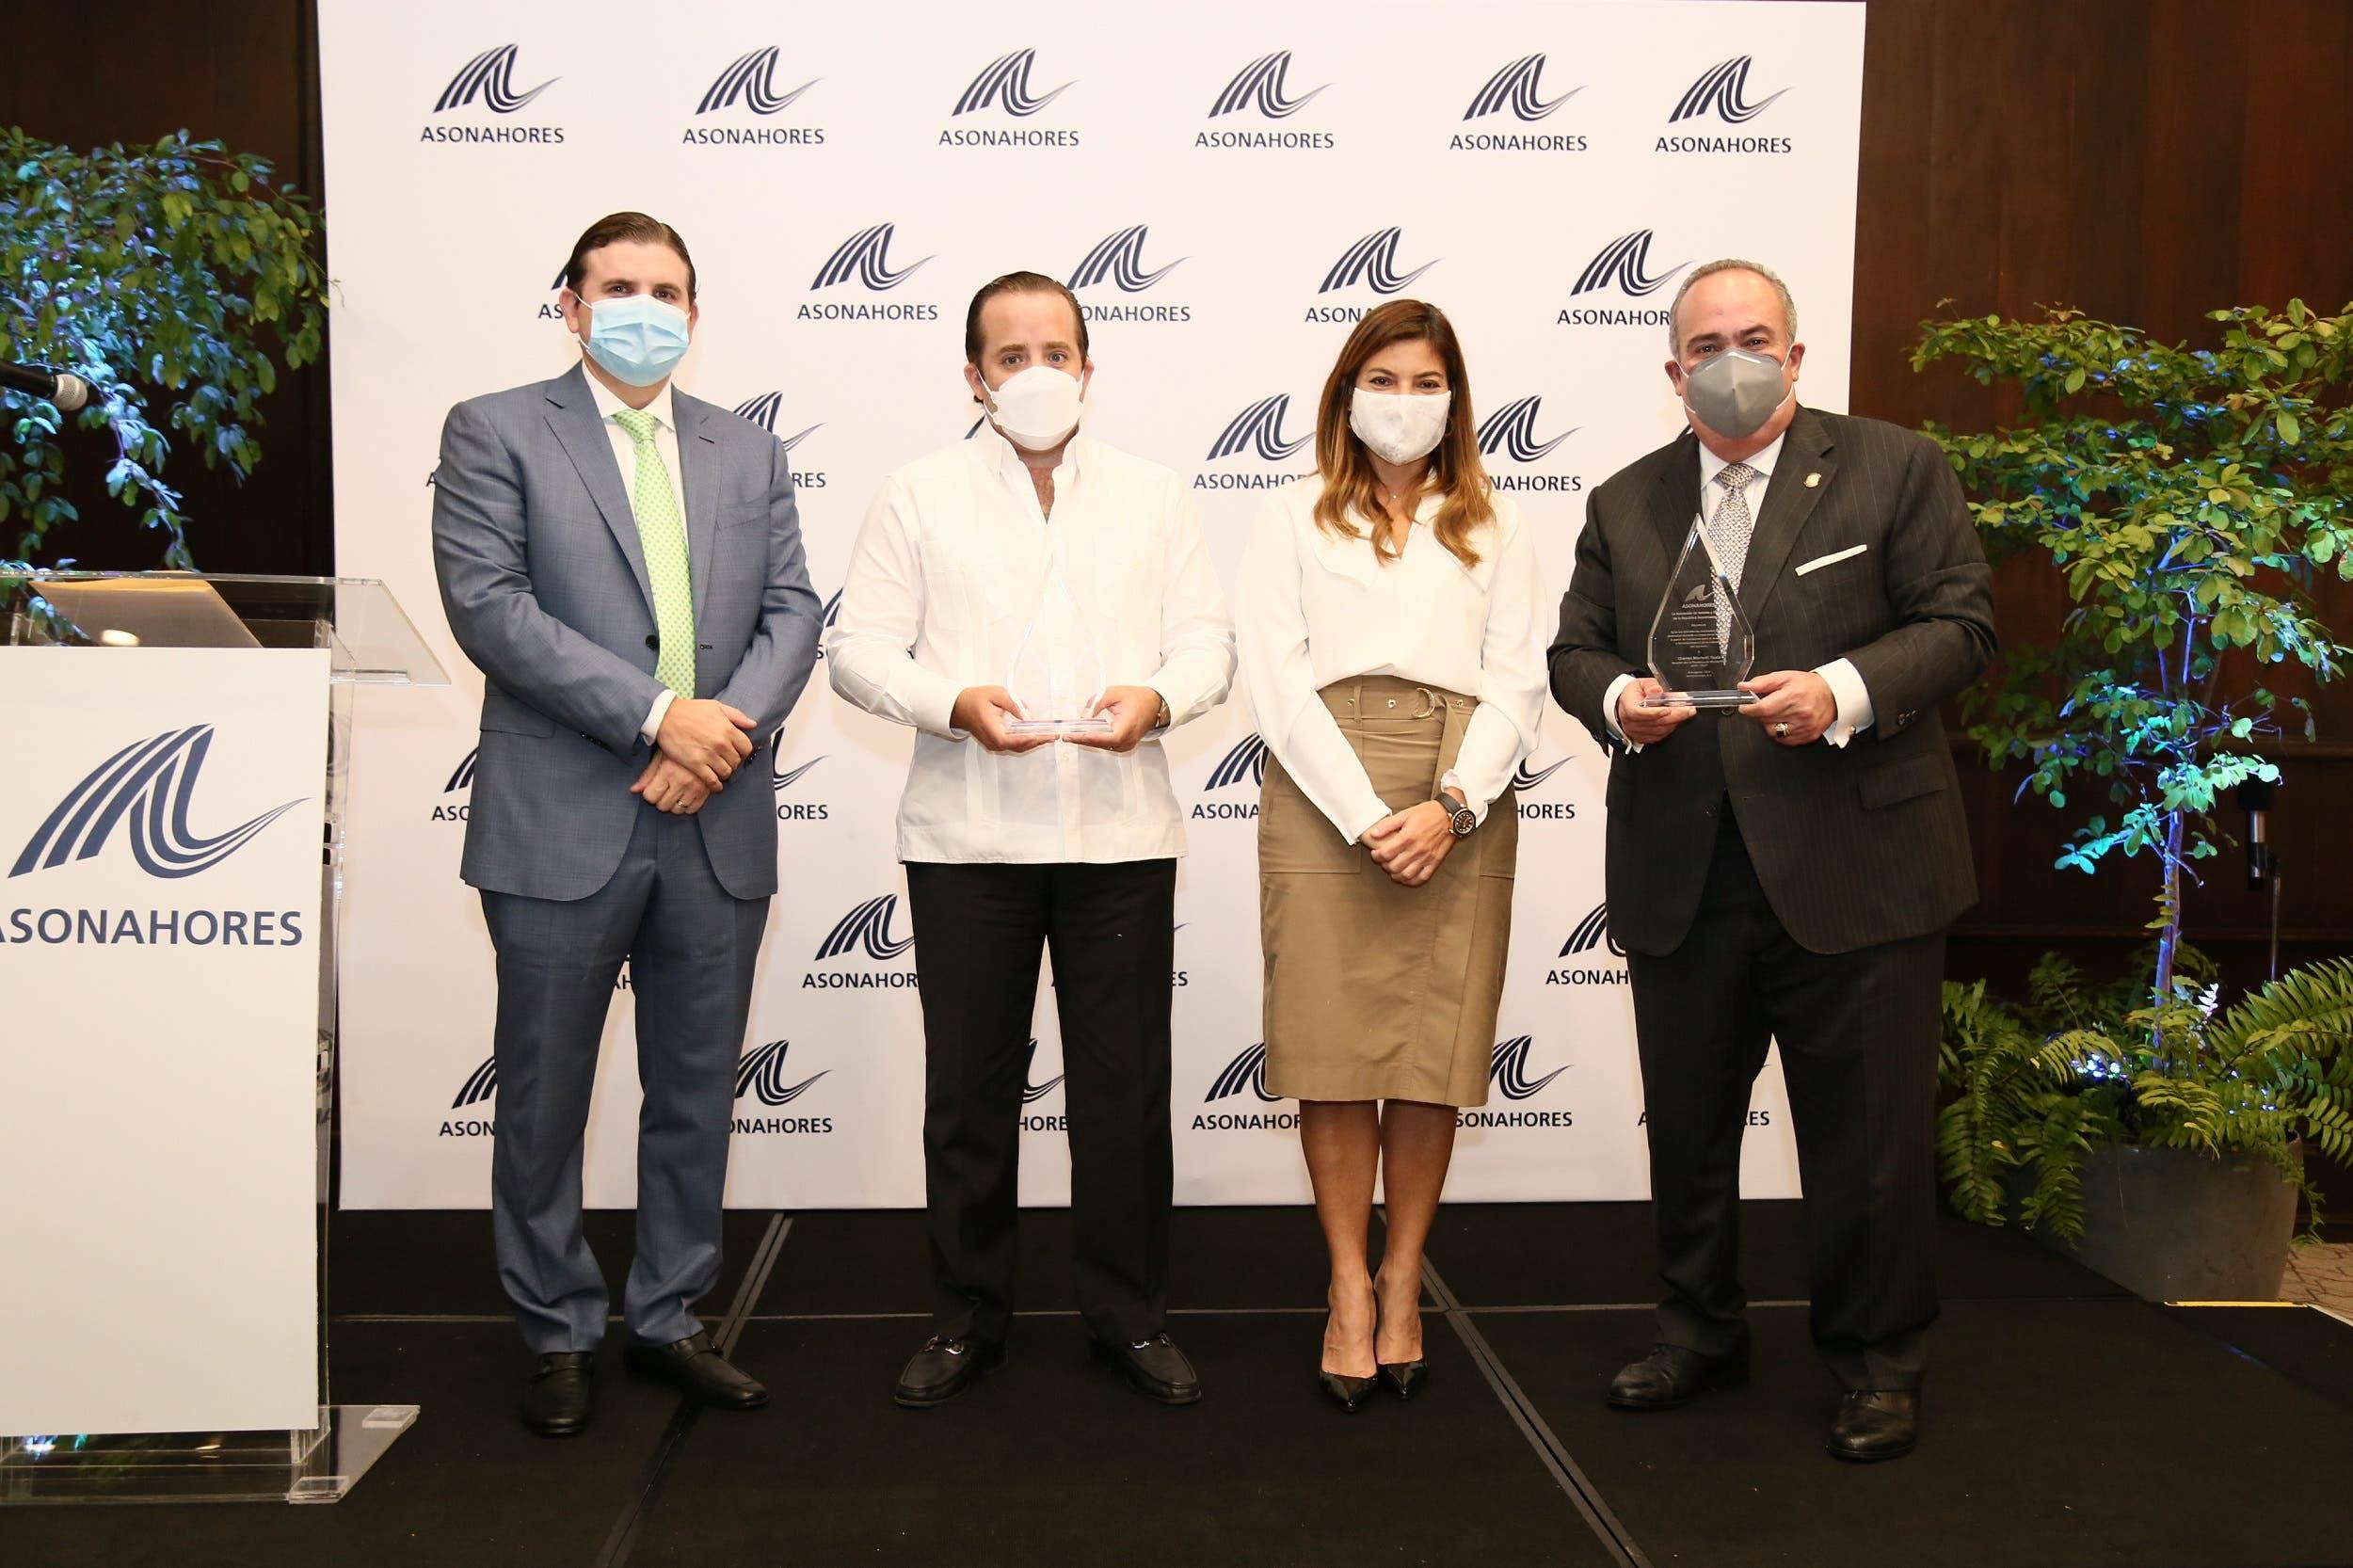 Asonahores reconoce a tres senadores por su apoyo a la industria turística